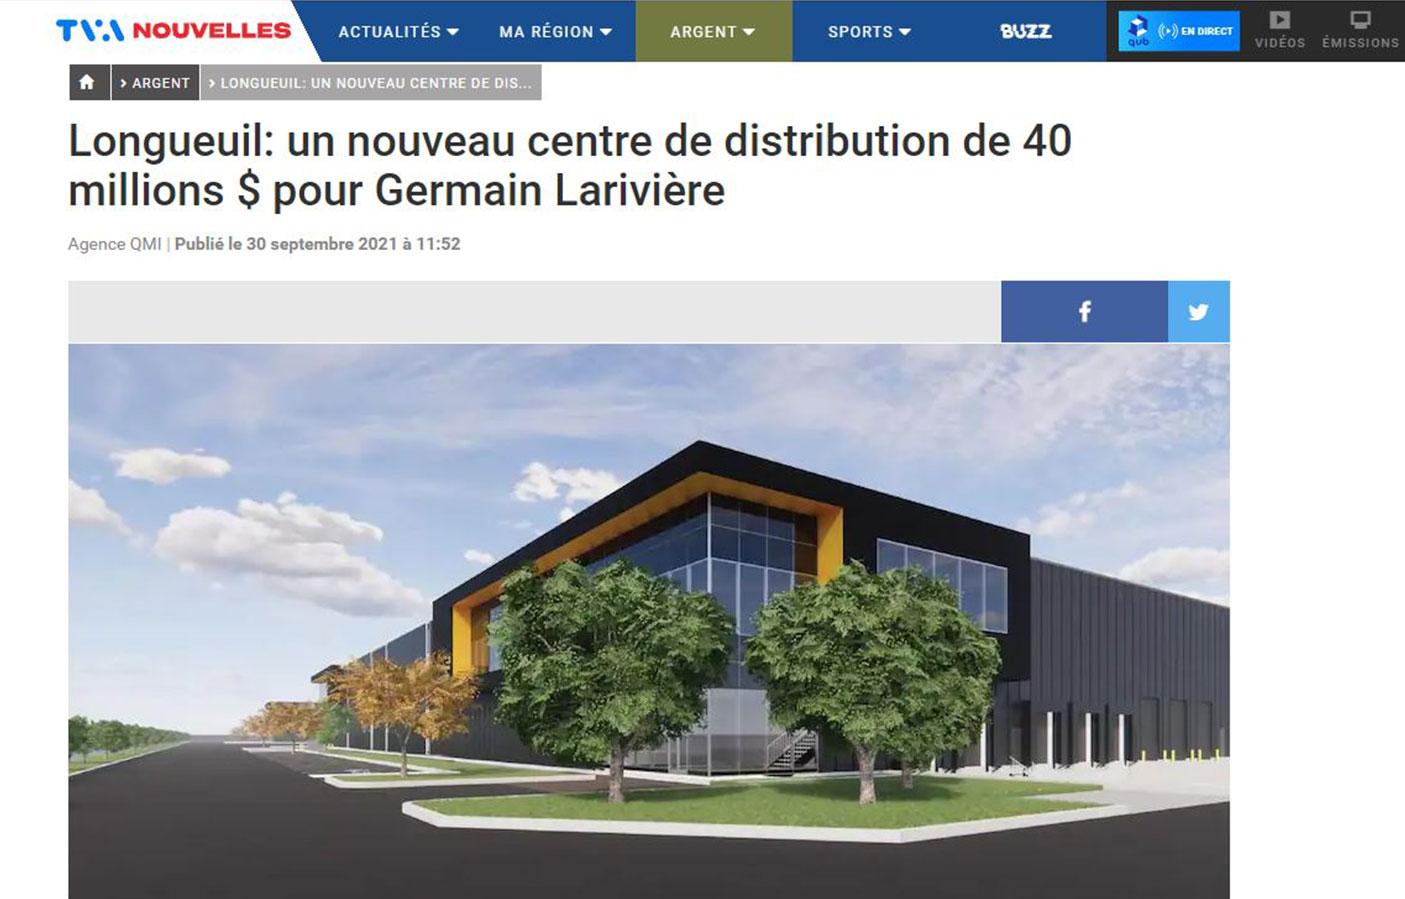 Longueuil: un nouveau centre de distribution de 40 millions $ pour Germain Larivière